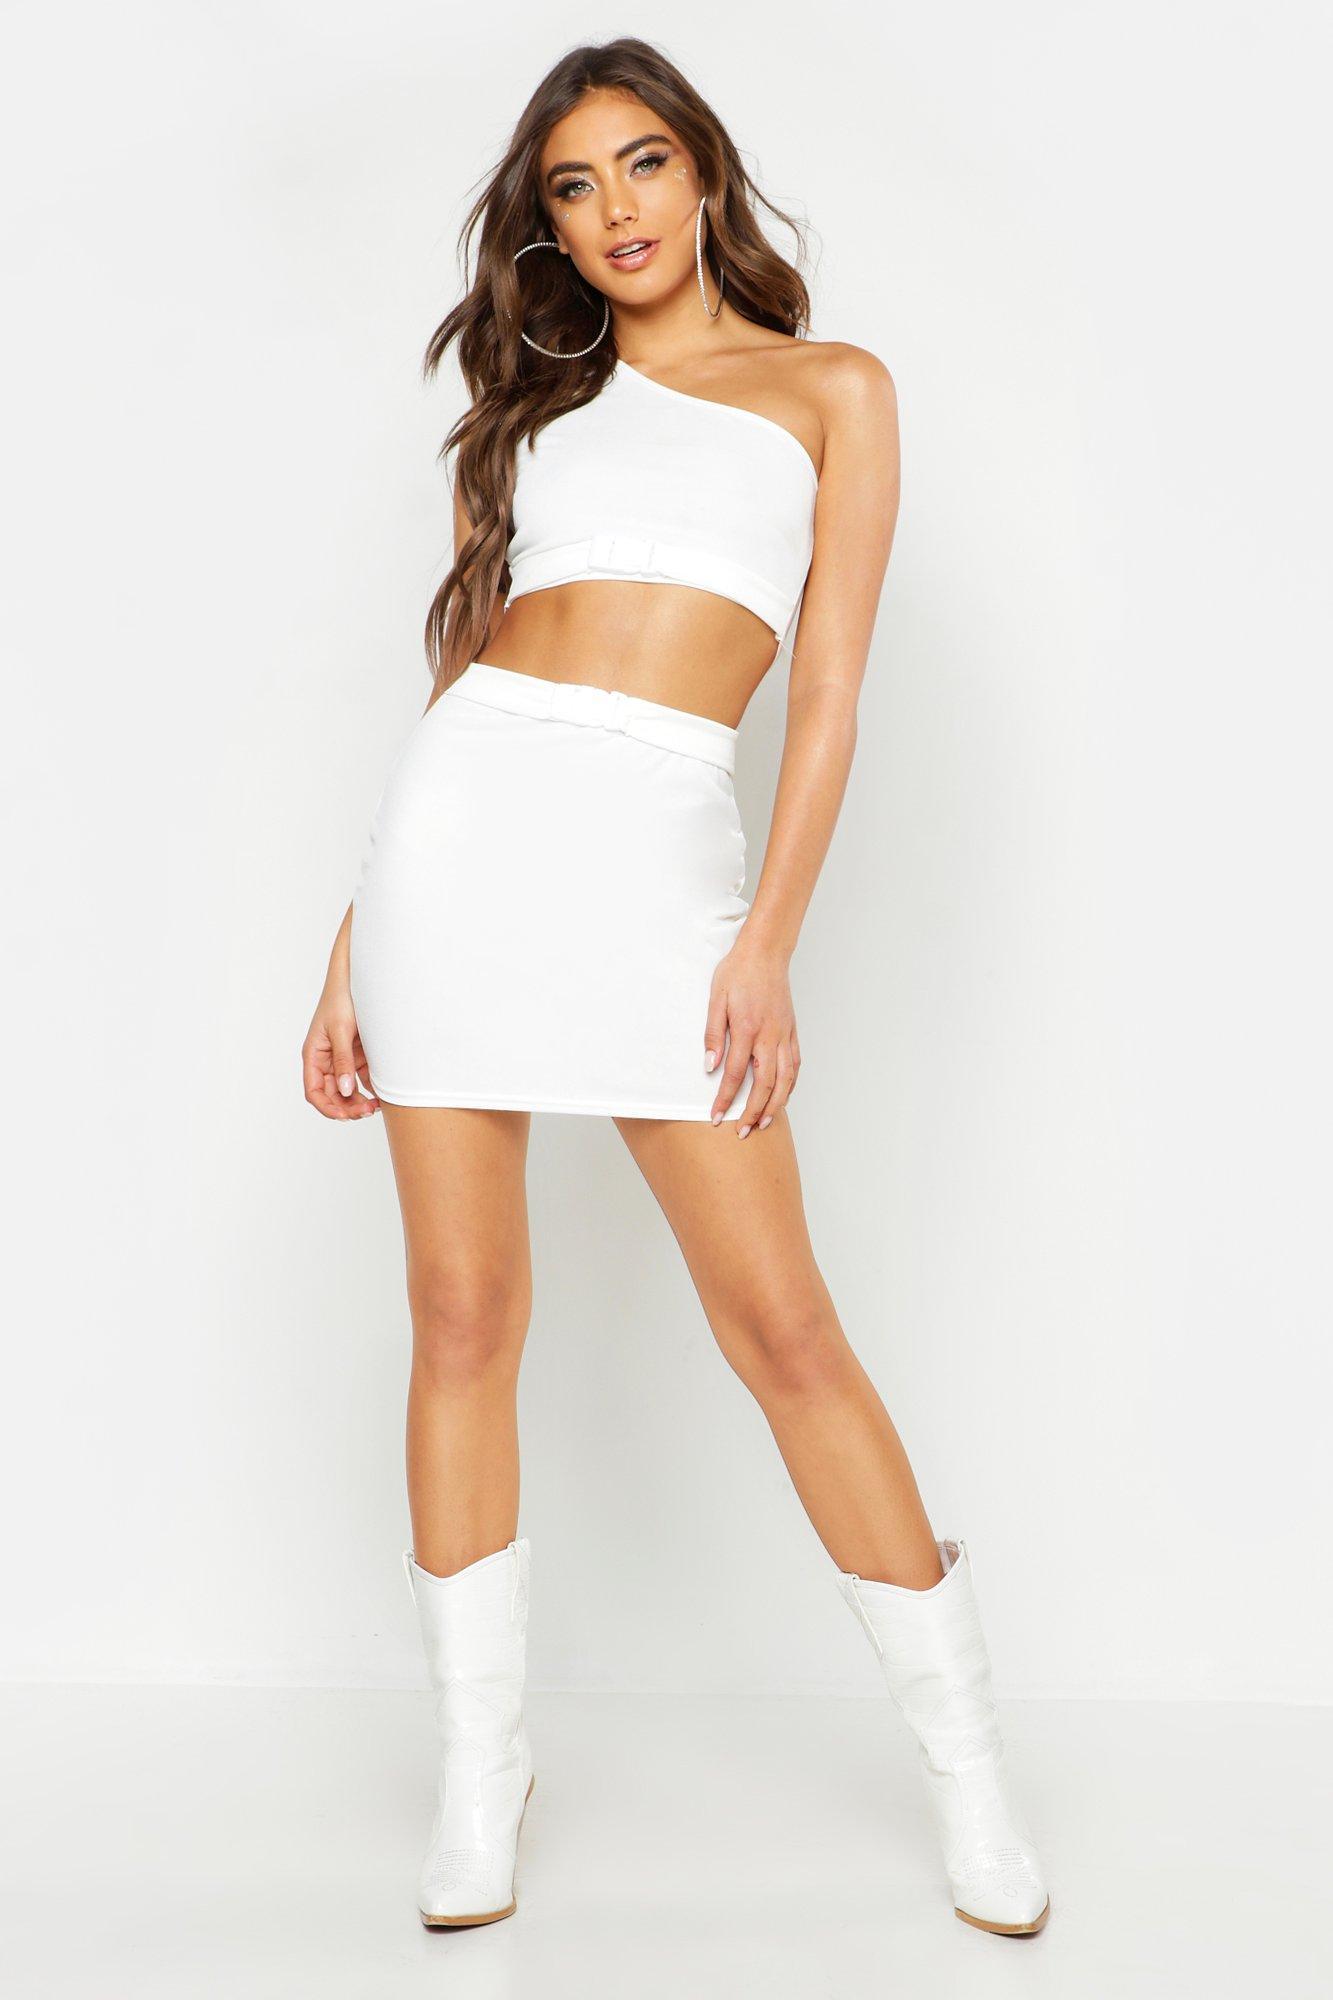 Womens Minirock mit Schnalle - Weiß - 40, Weiß - Boohoo.com